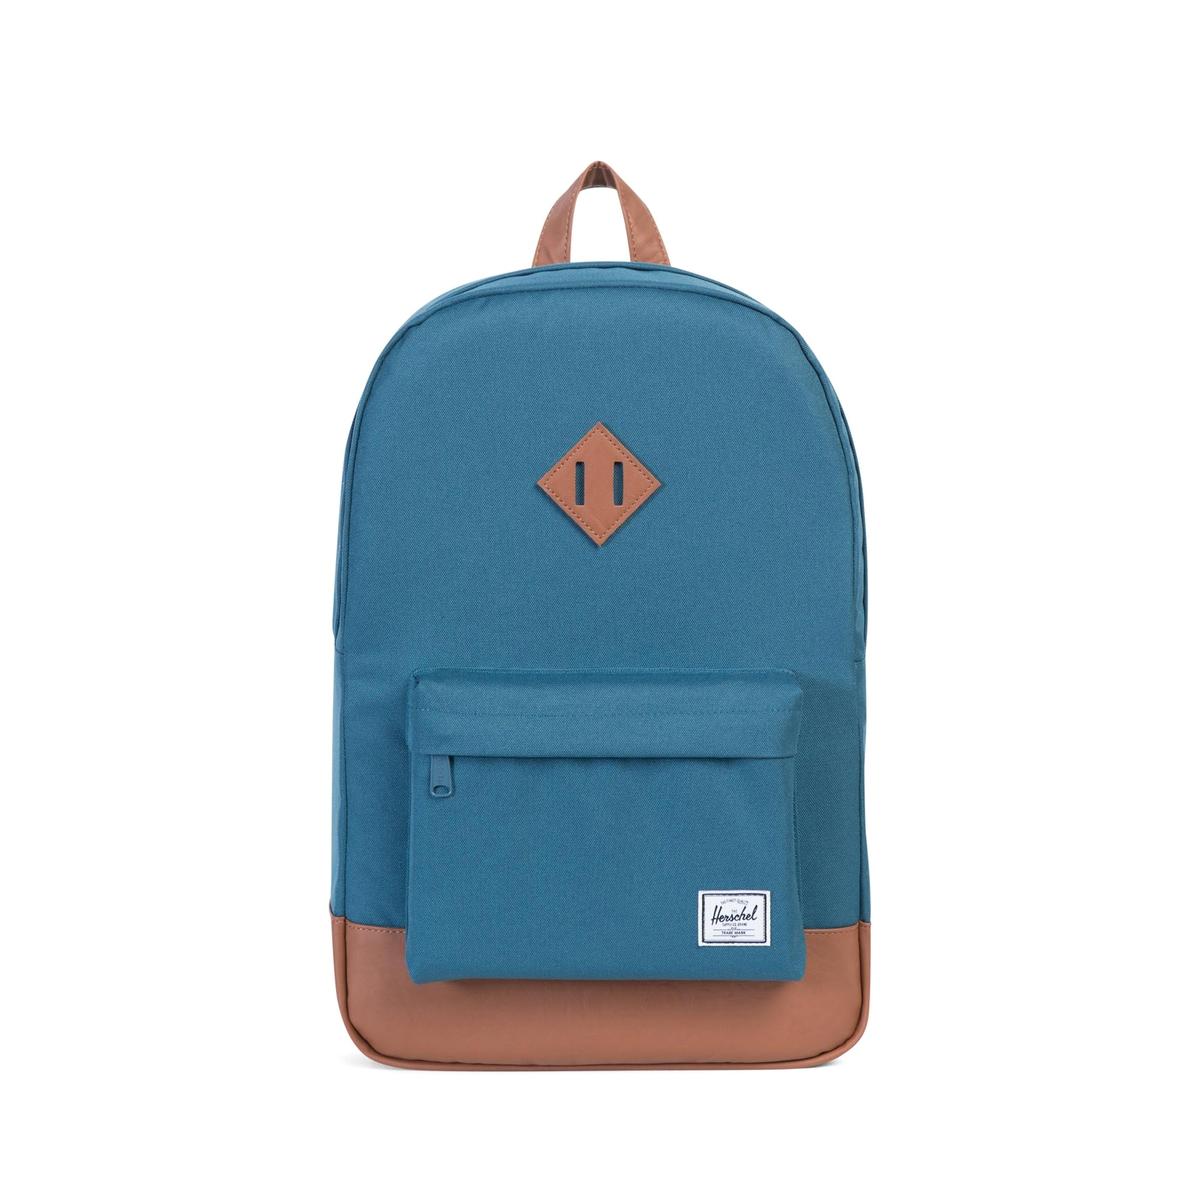 Рюкзак для ноутбука HERITAGE 21,5л от La Redoute